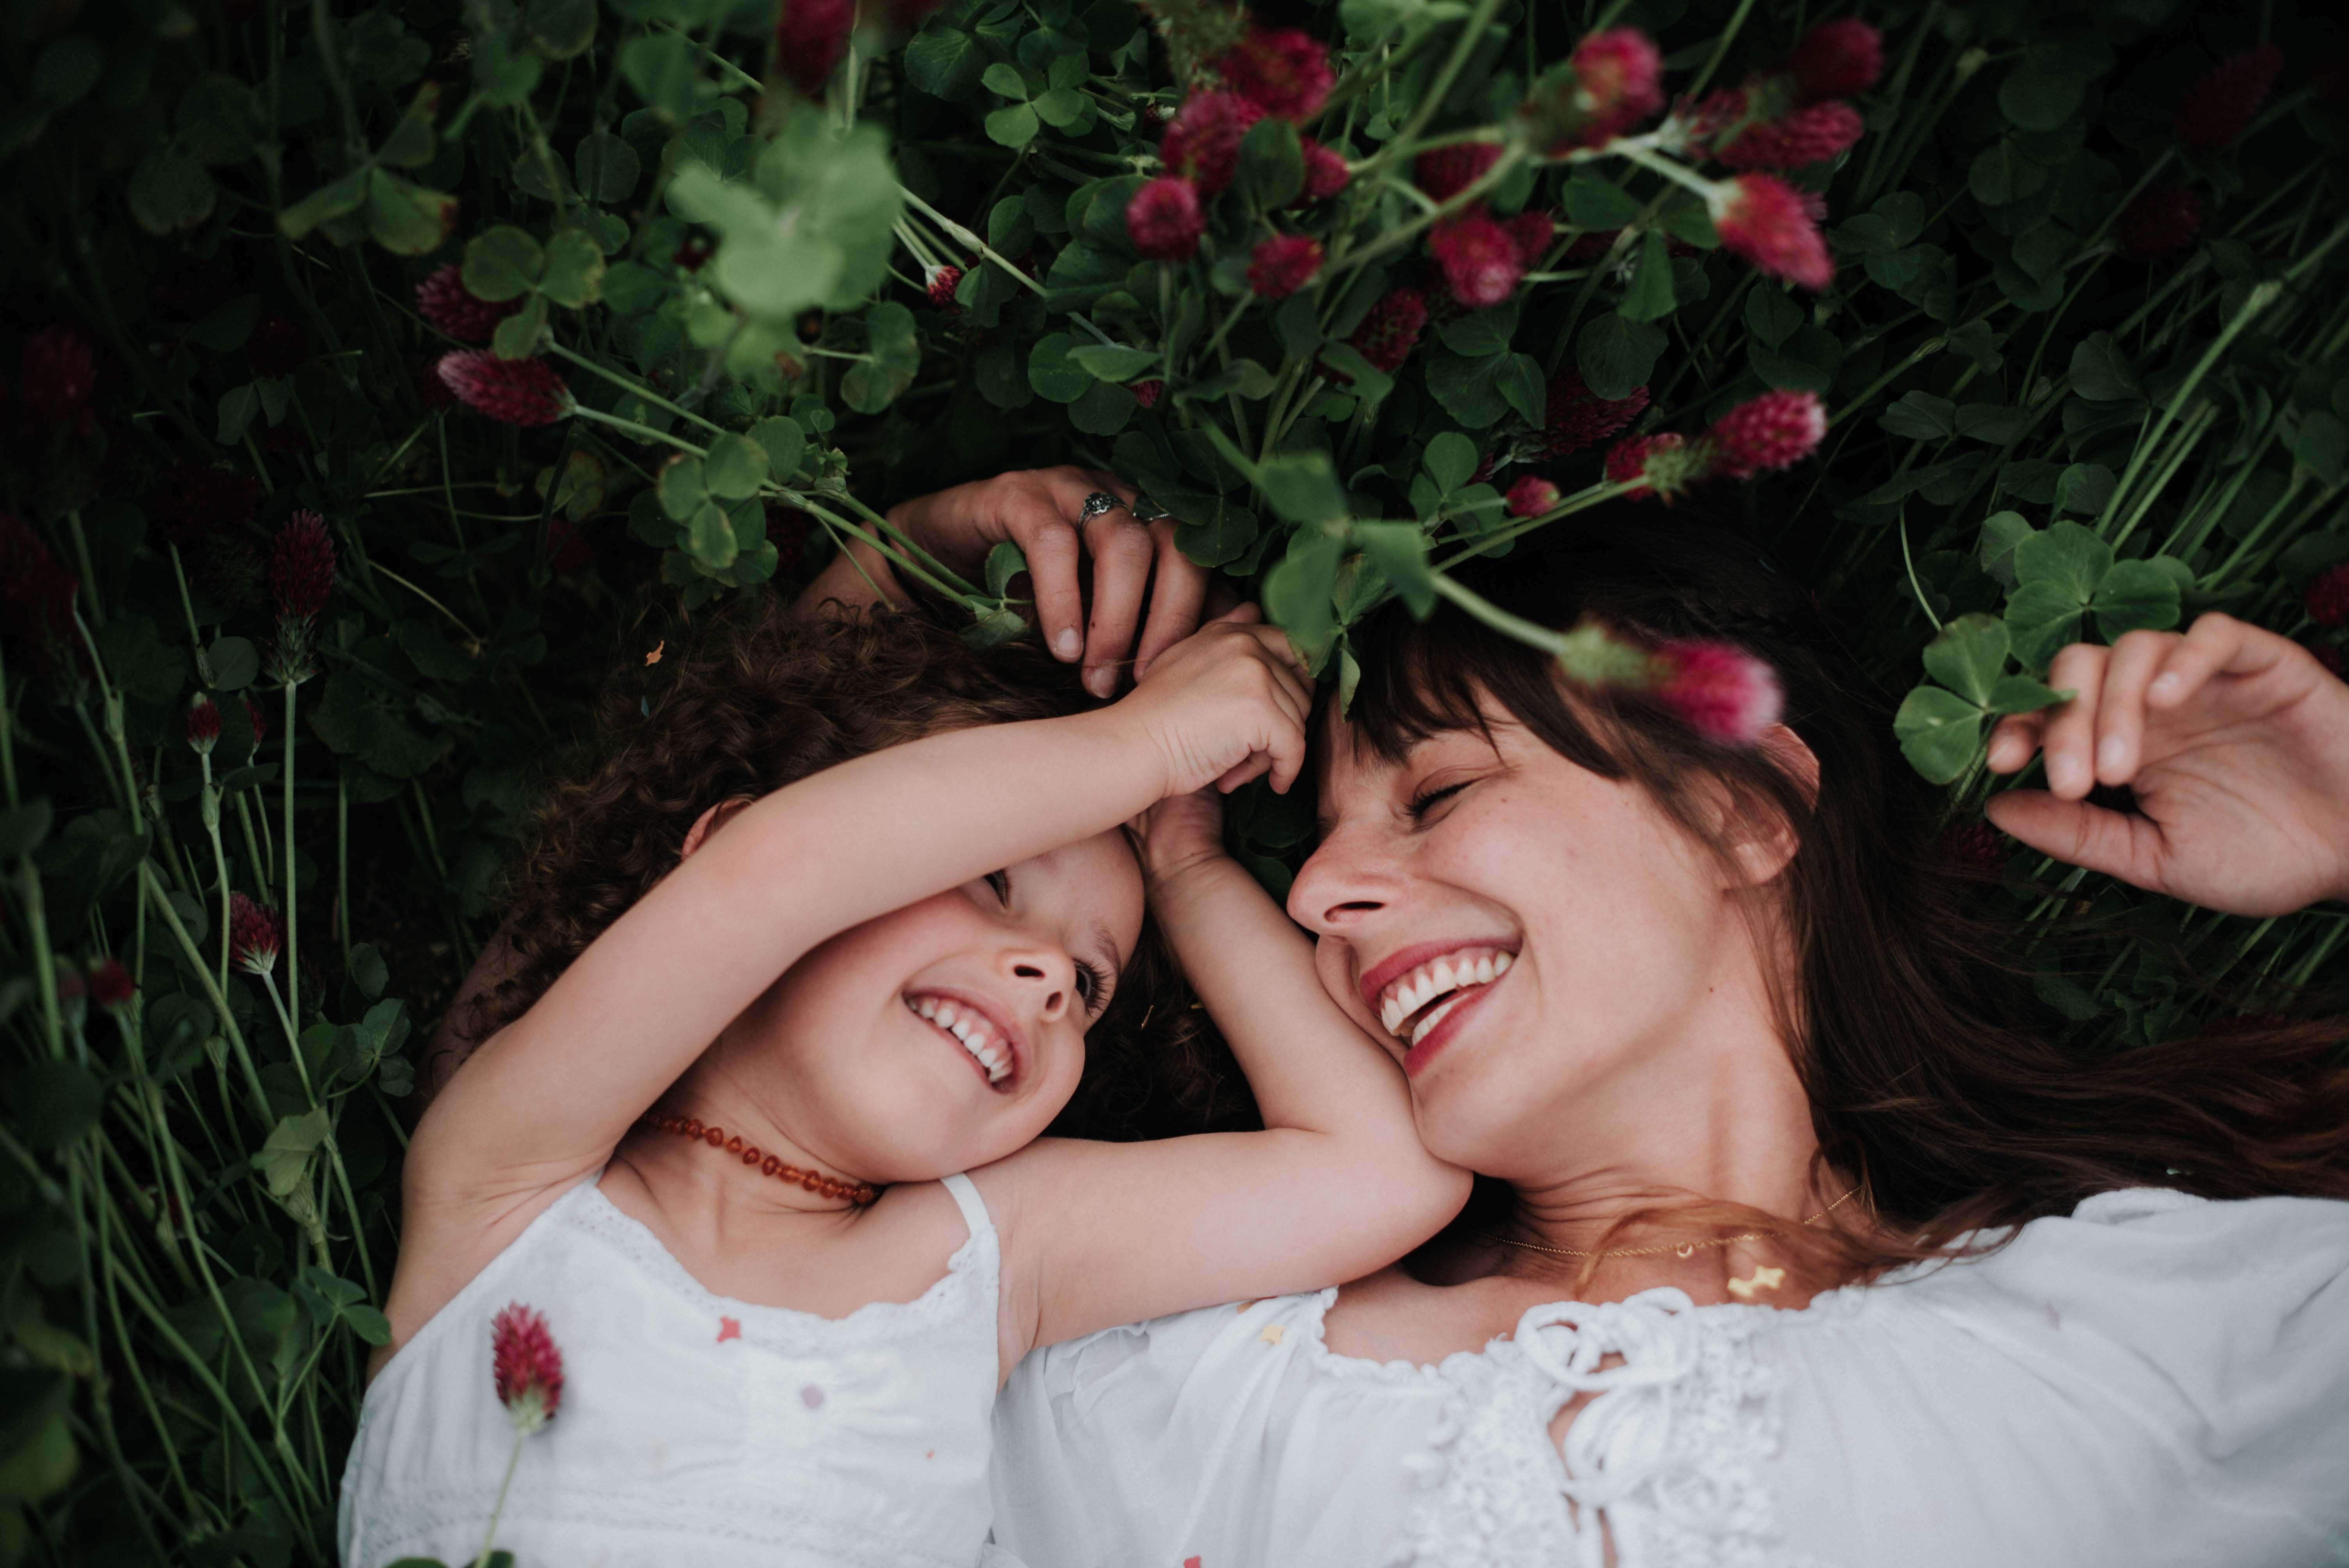 Léa-Fery-photographe-professionnel-lyon-rhone-alpes-portrait-mariage-couple-amour-lovesession-engagement-elopment-4985